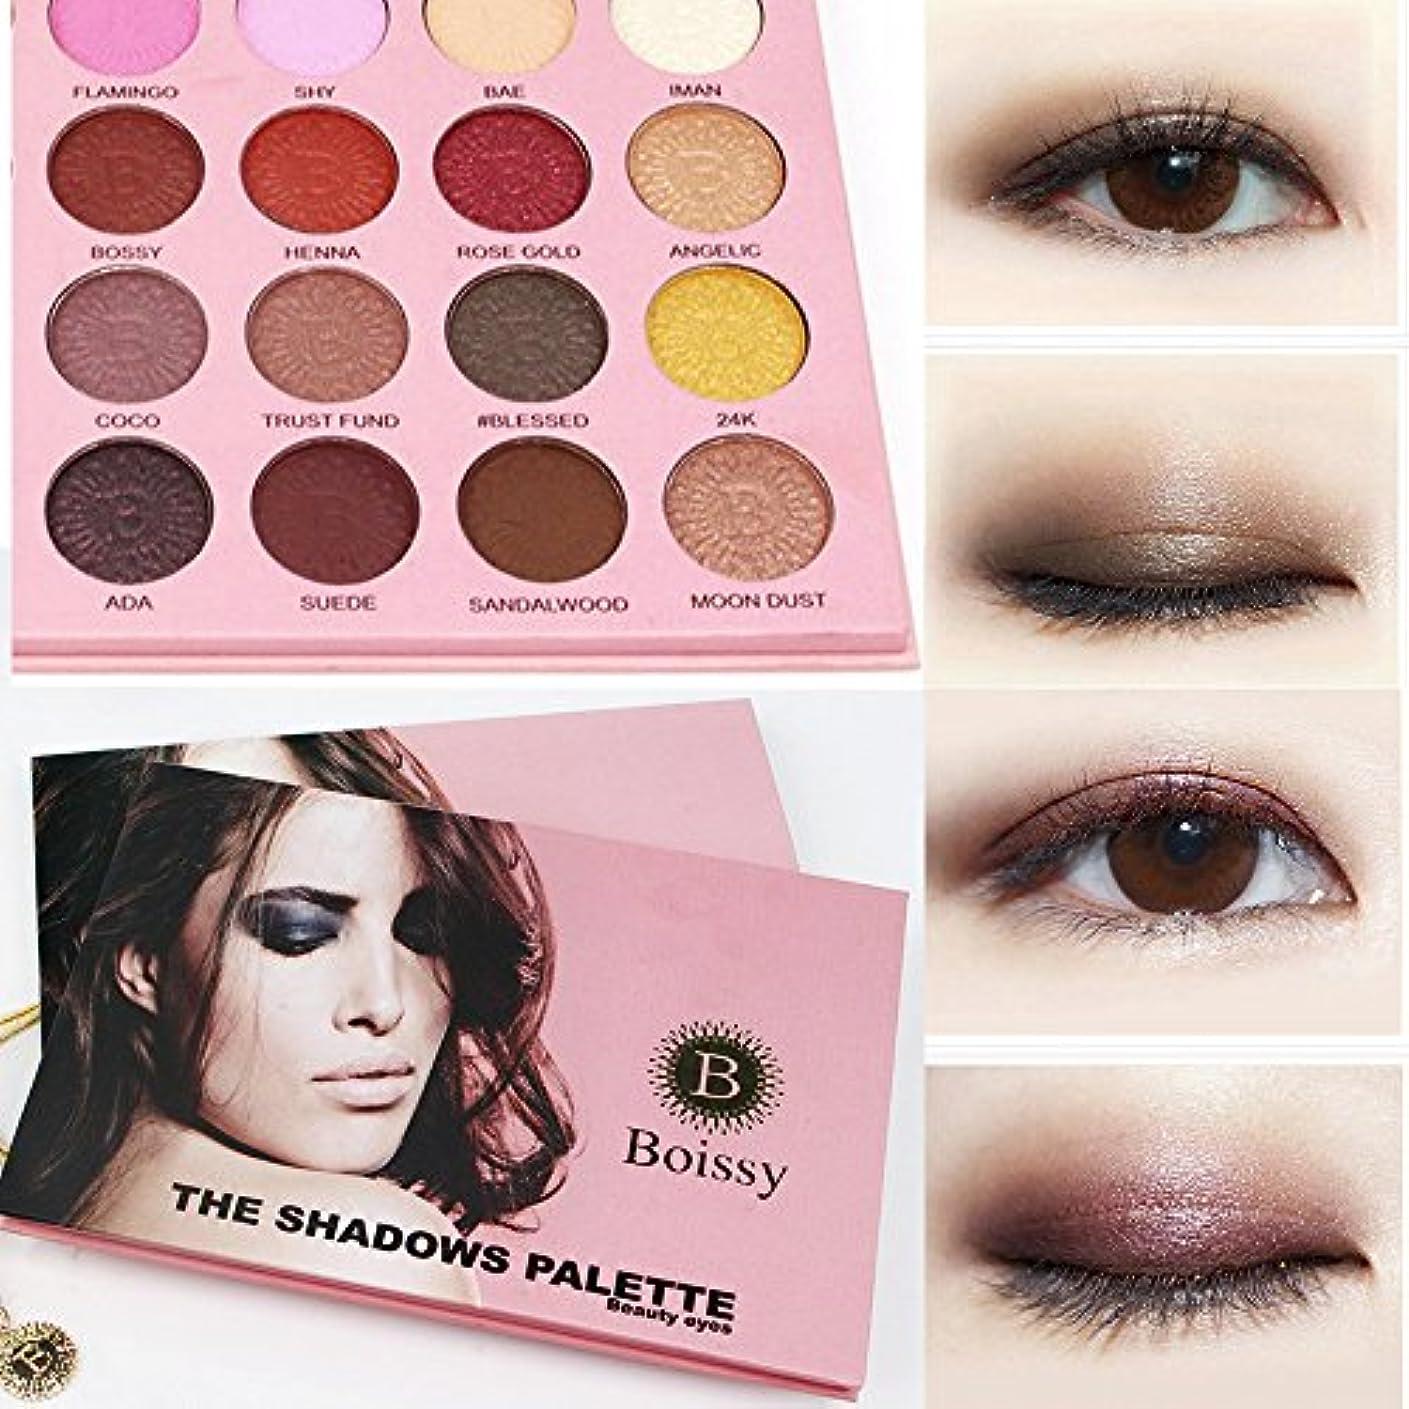 ビューティー アイシャドー BOBOGOJP 24色 パール/マット 2in1 アイシャドー パレット 化粧セット Eyeshadow Palette 携帯便利 多機能 アイメイク道具 (Multicolor)